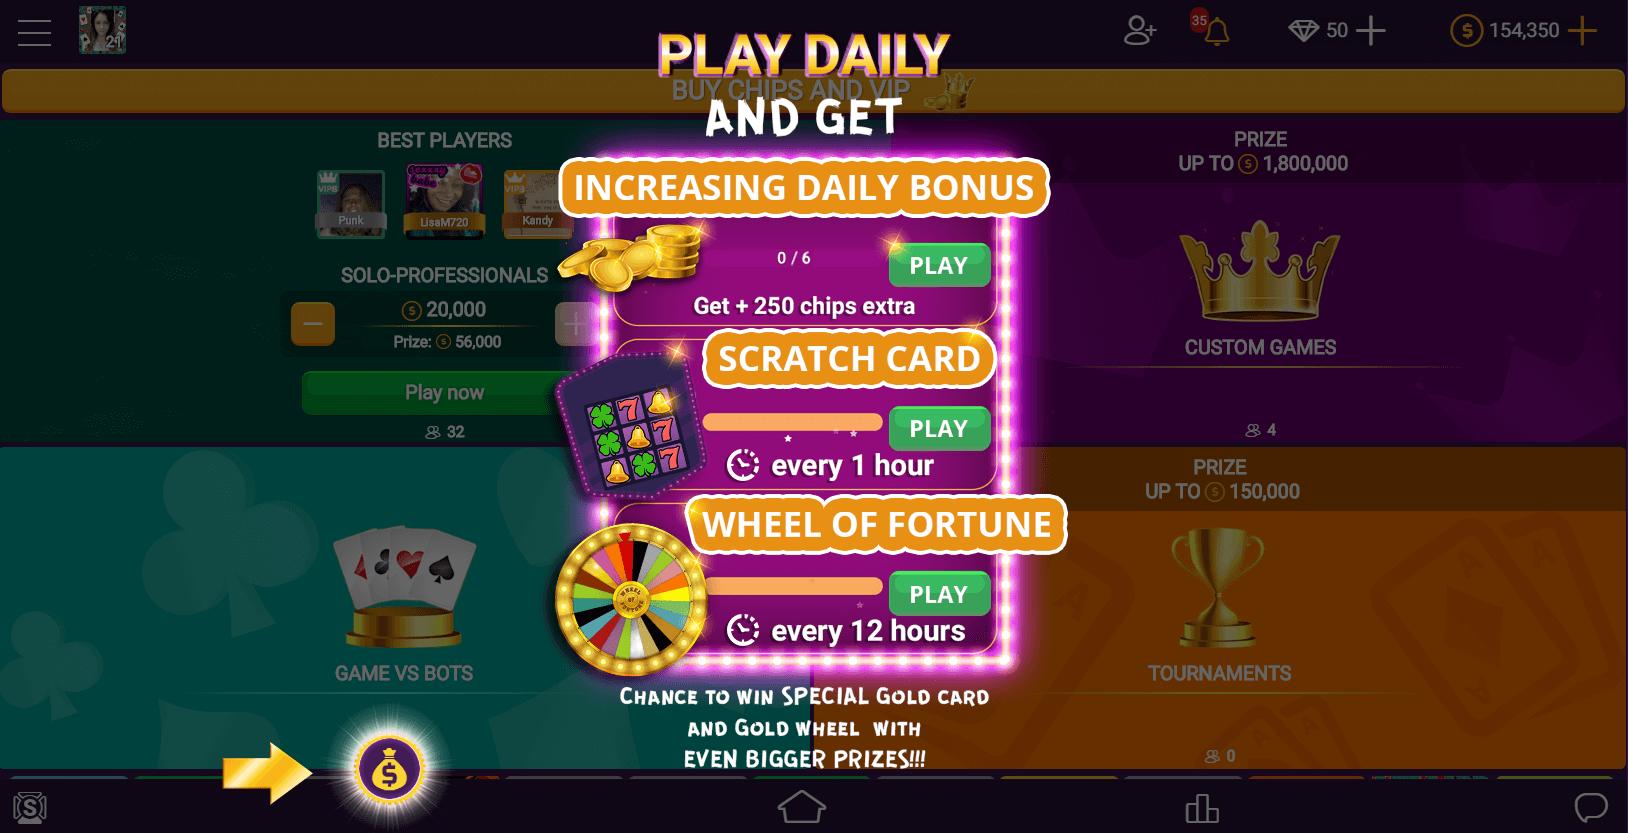 Free coins at VIP Spades